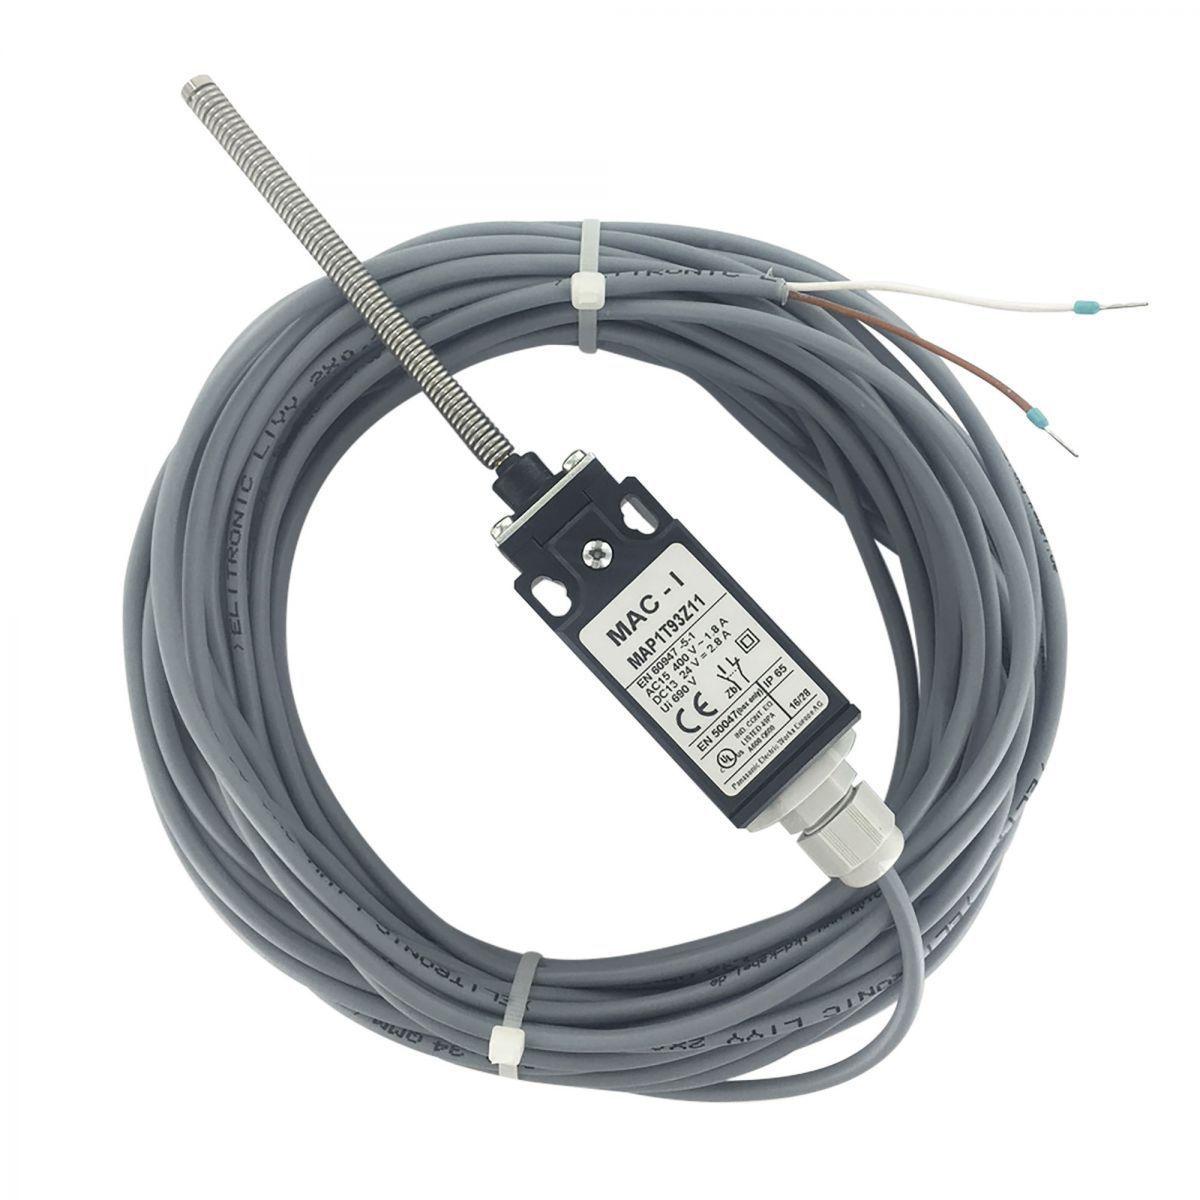 endschalter mit feder und drehgelenk und 15 m kabel positionsschalter nonc